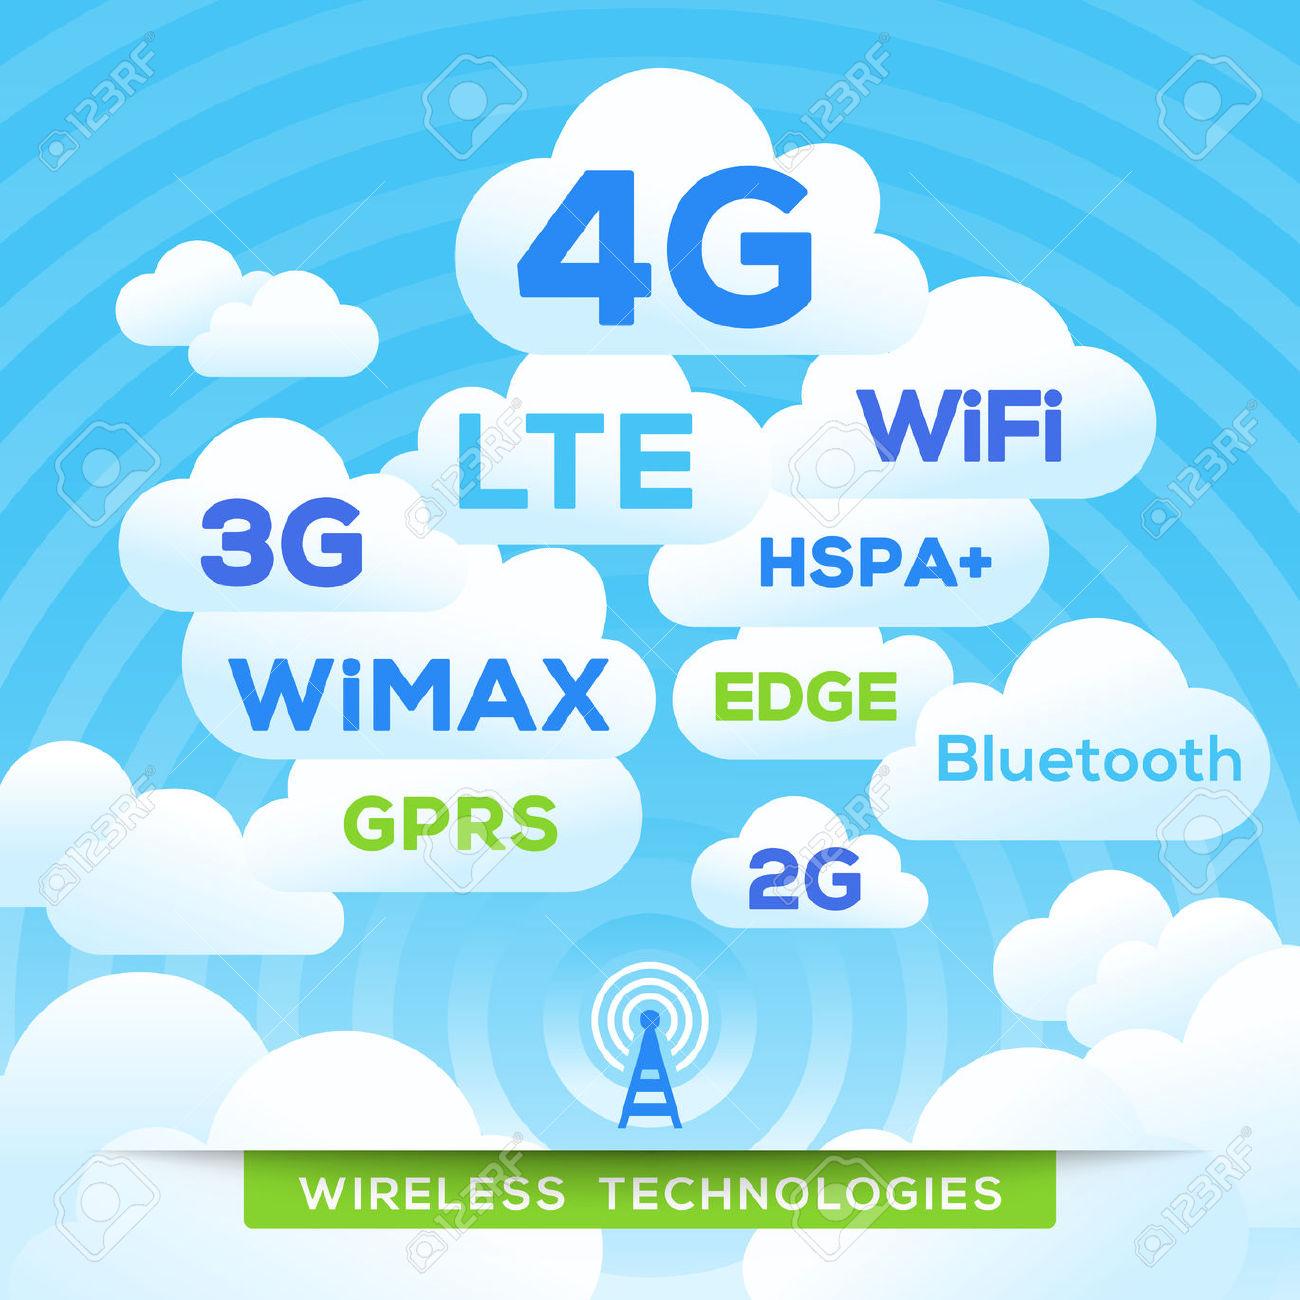 دریافت تنظیمات اینترنت 3g ایرانسل برای تمام سیستم عاملها